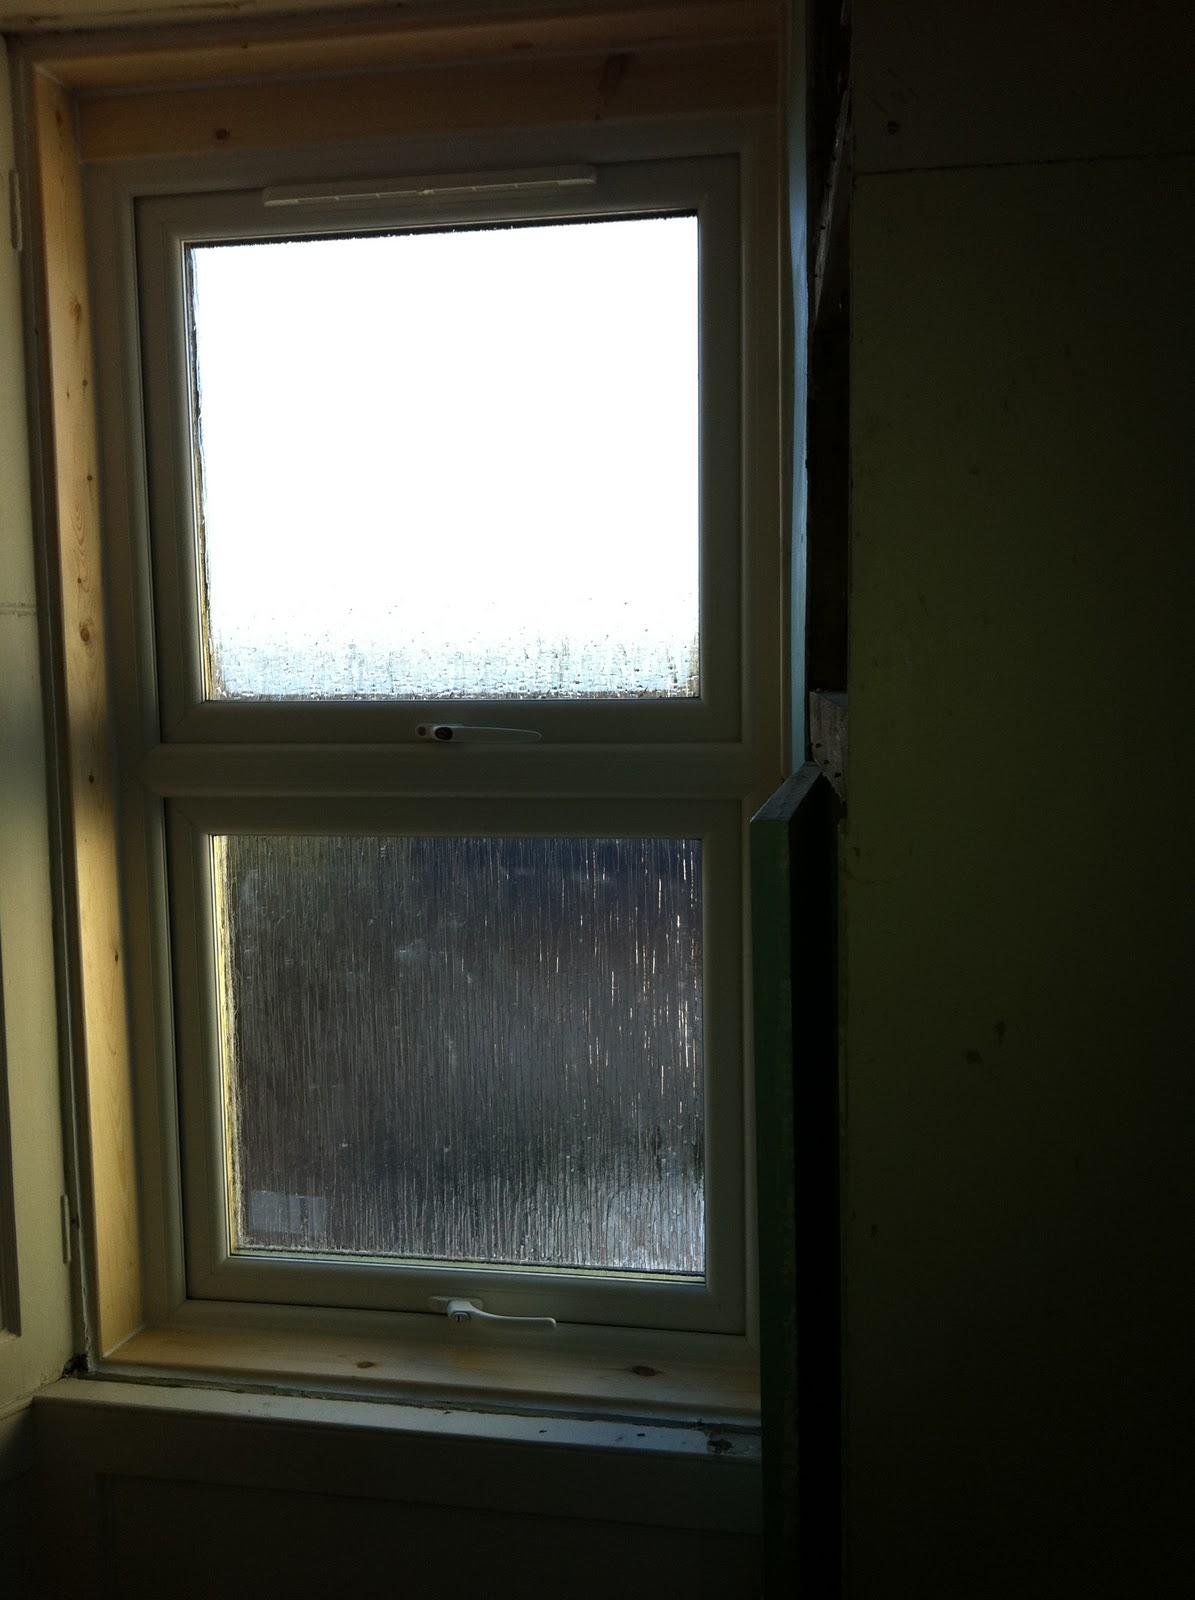 Bathroom Windows Replacement frazer jess joinery and maintenance: bathroom window replacement